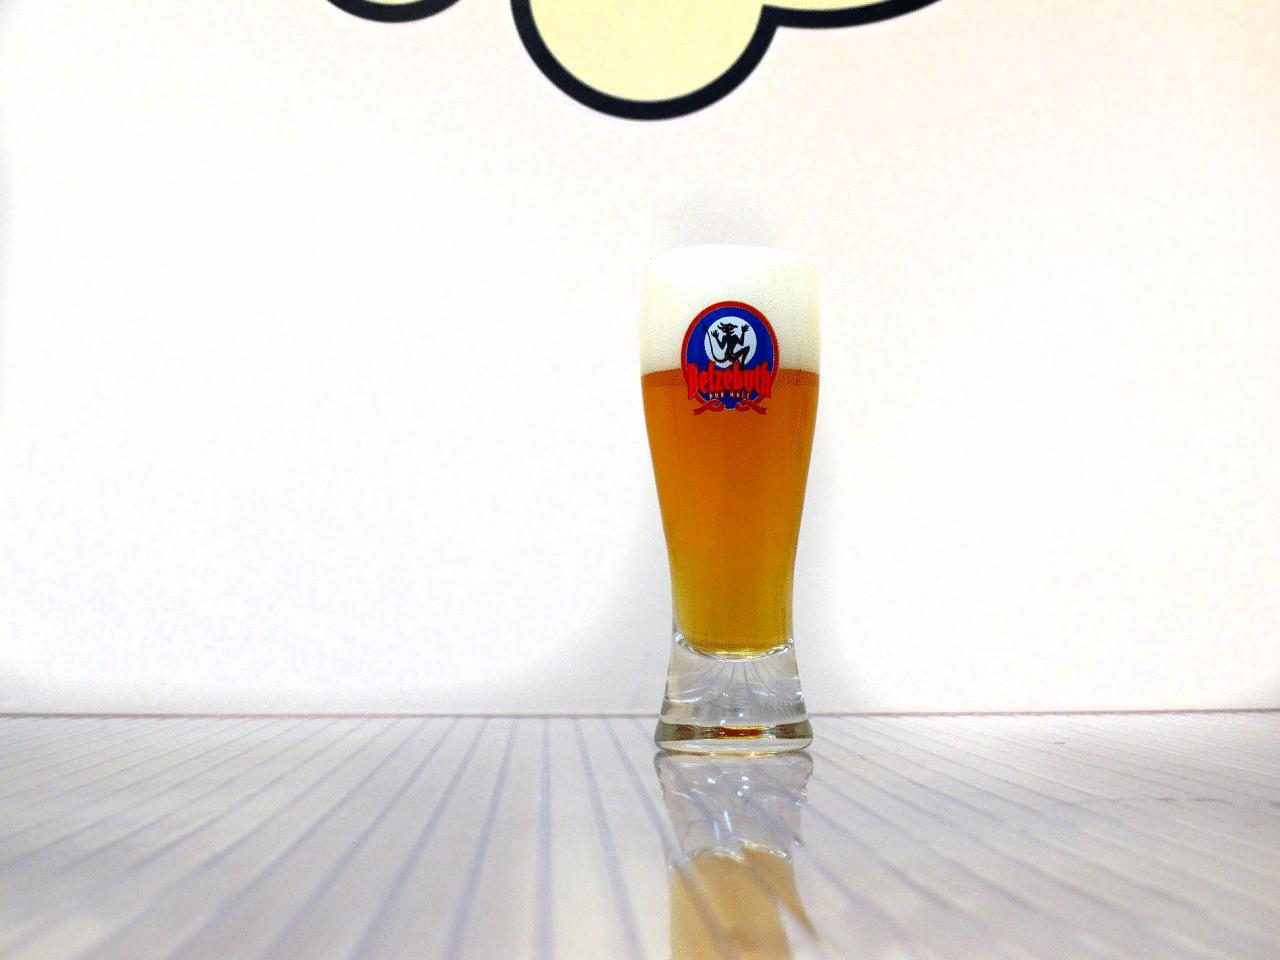 Vaso de cerveza Belzebuth